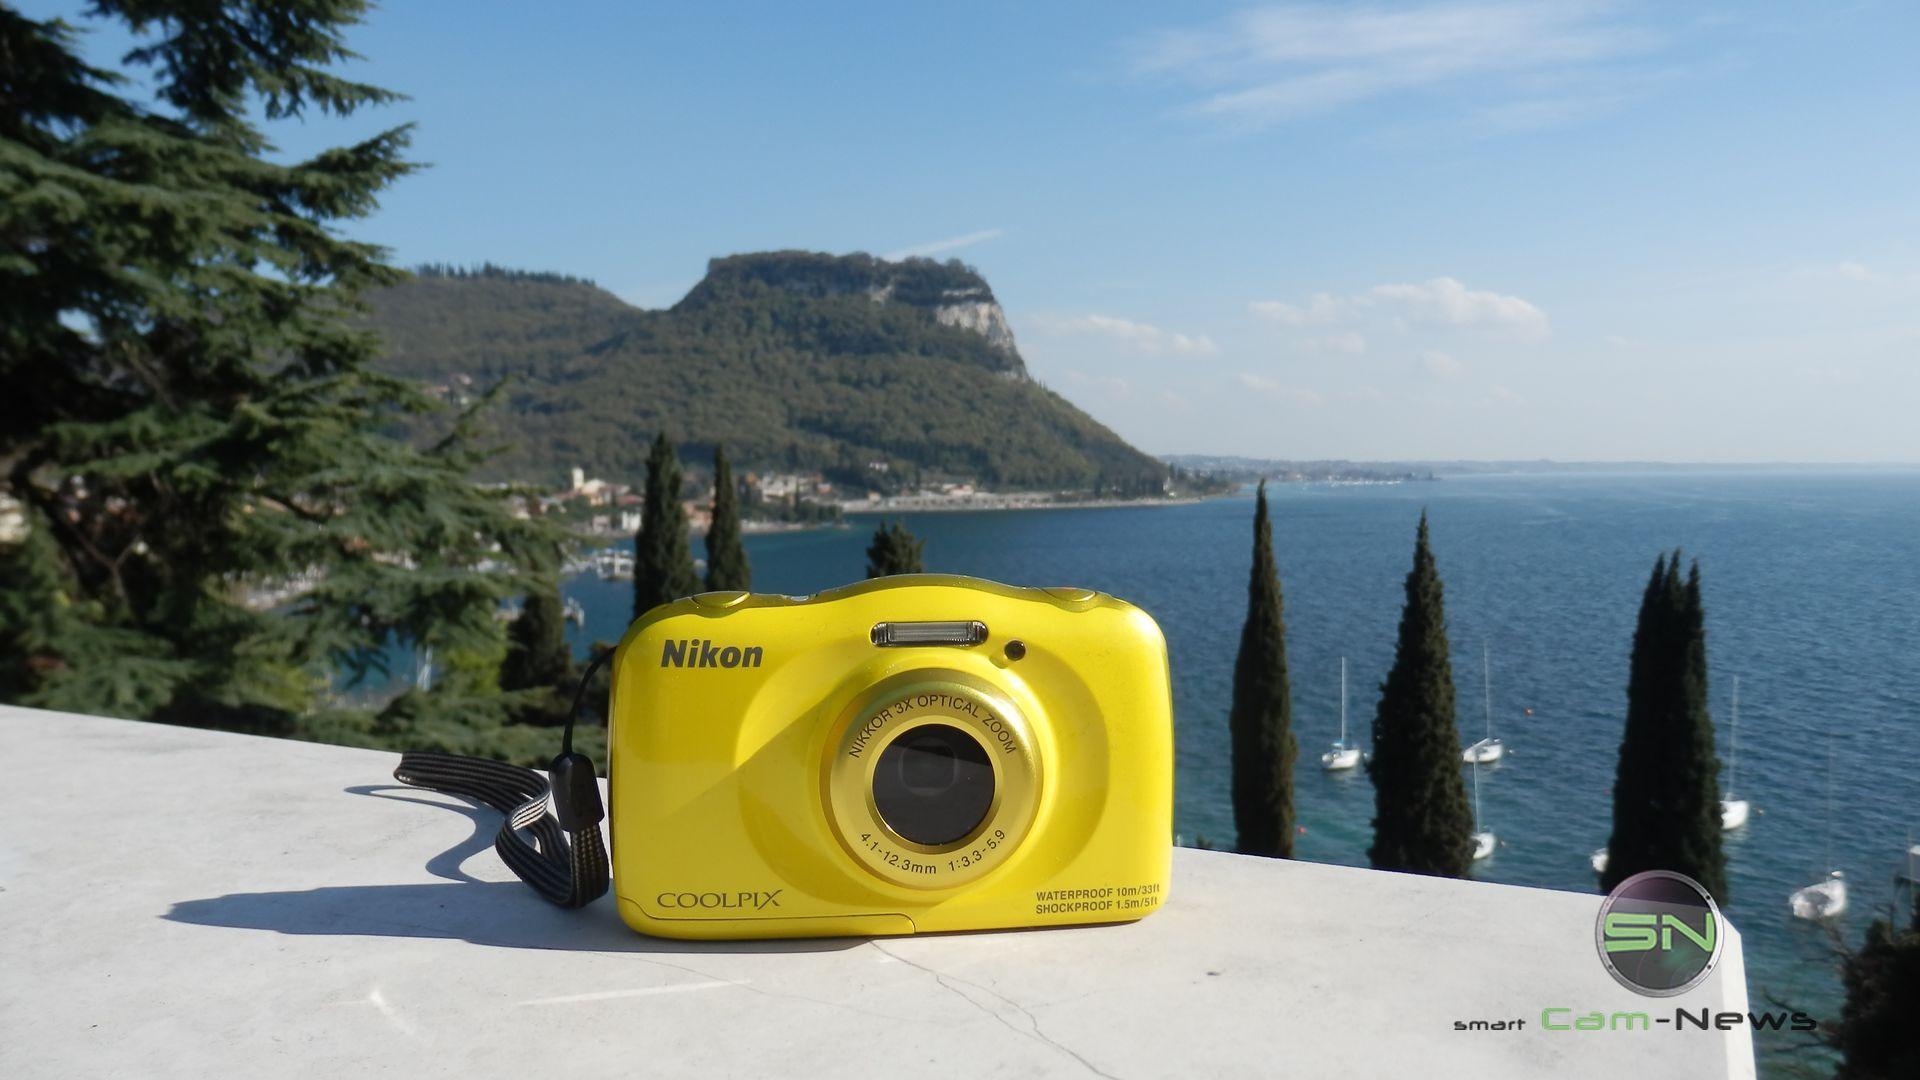 am Gardasee: Nikon Coolpix S33 / W100 Outdoor Kamera Schnäppchen